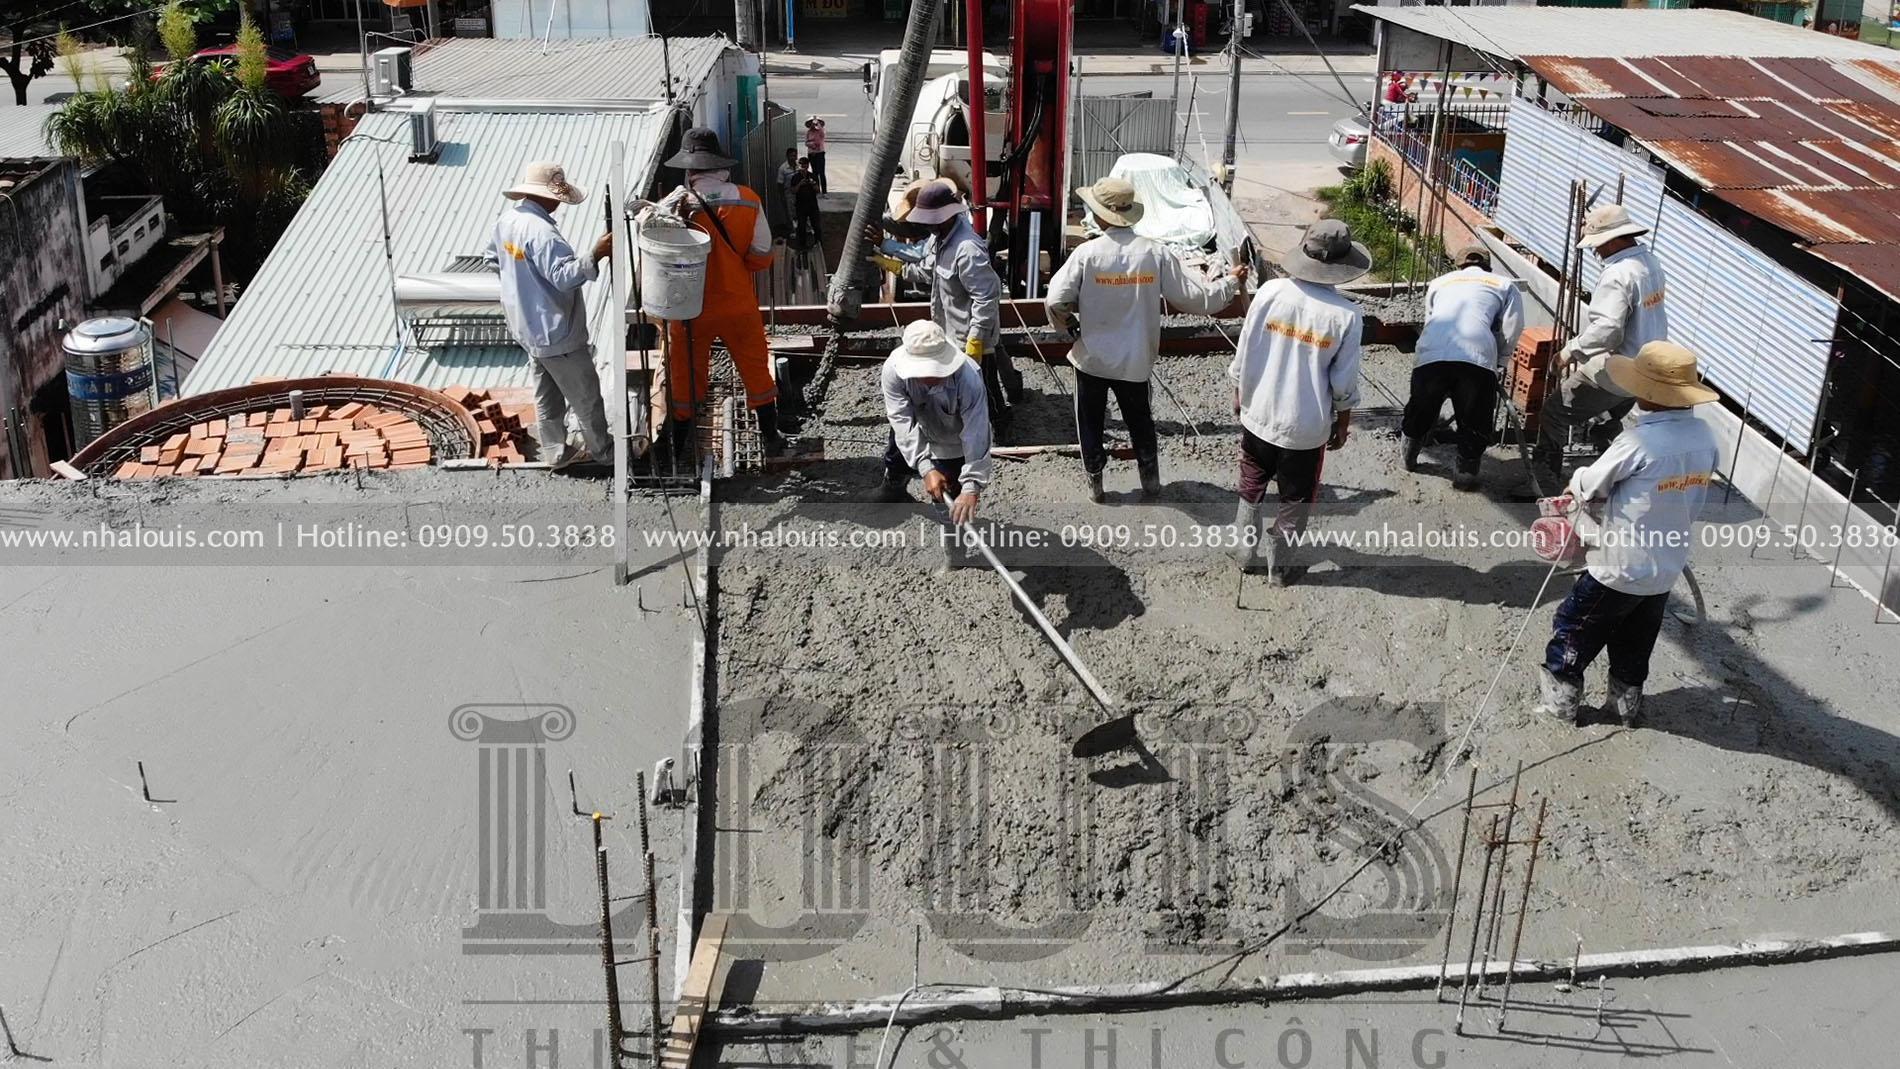 Thi công biệt thự mái thái tân cổ điển 3 tầng sang trọng tại Củ Chi